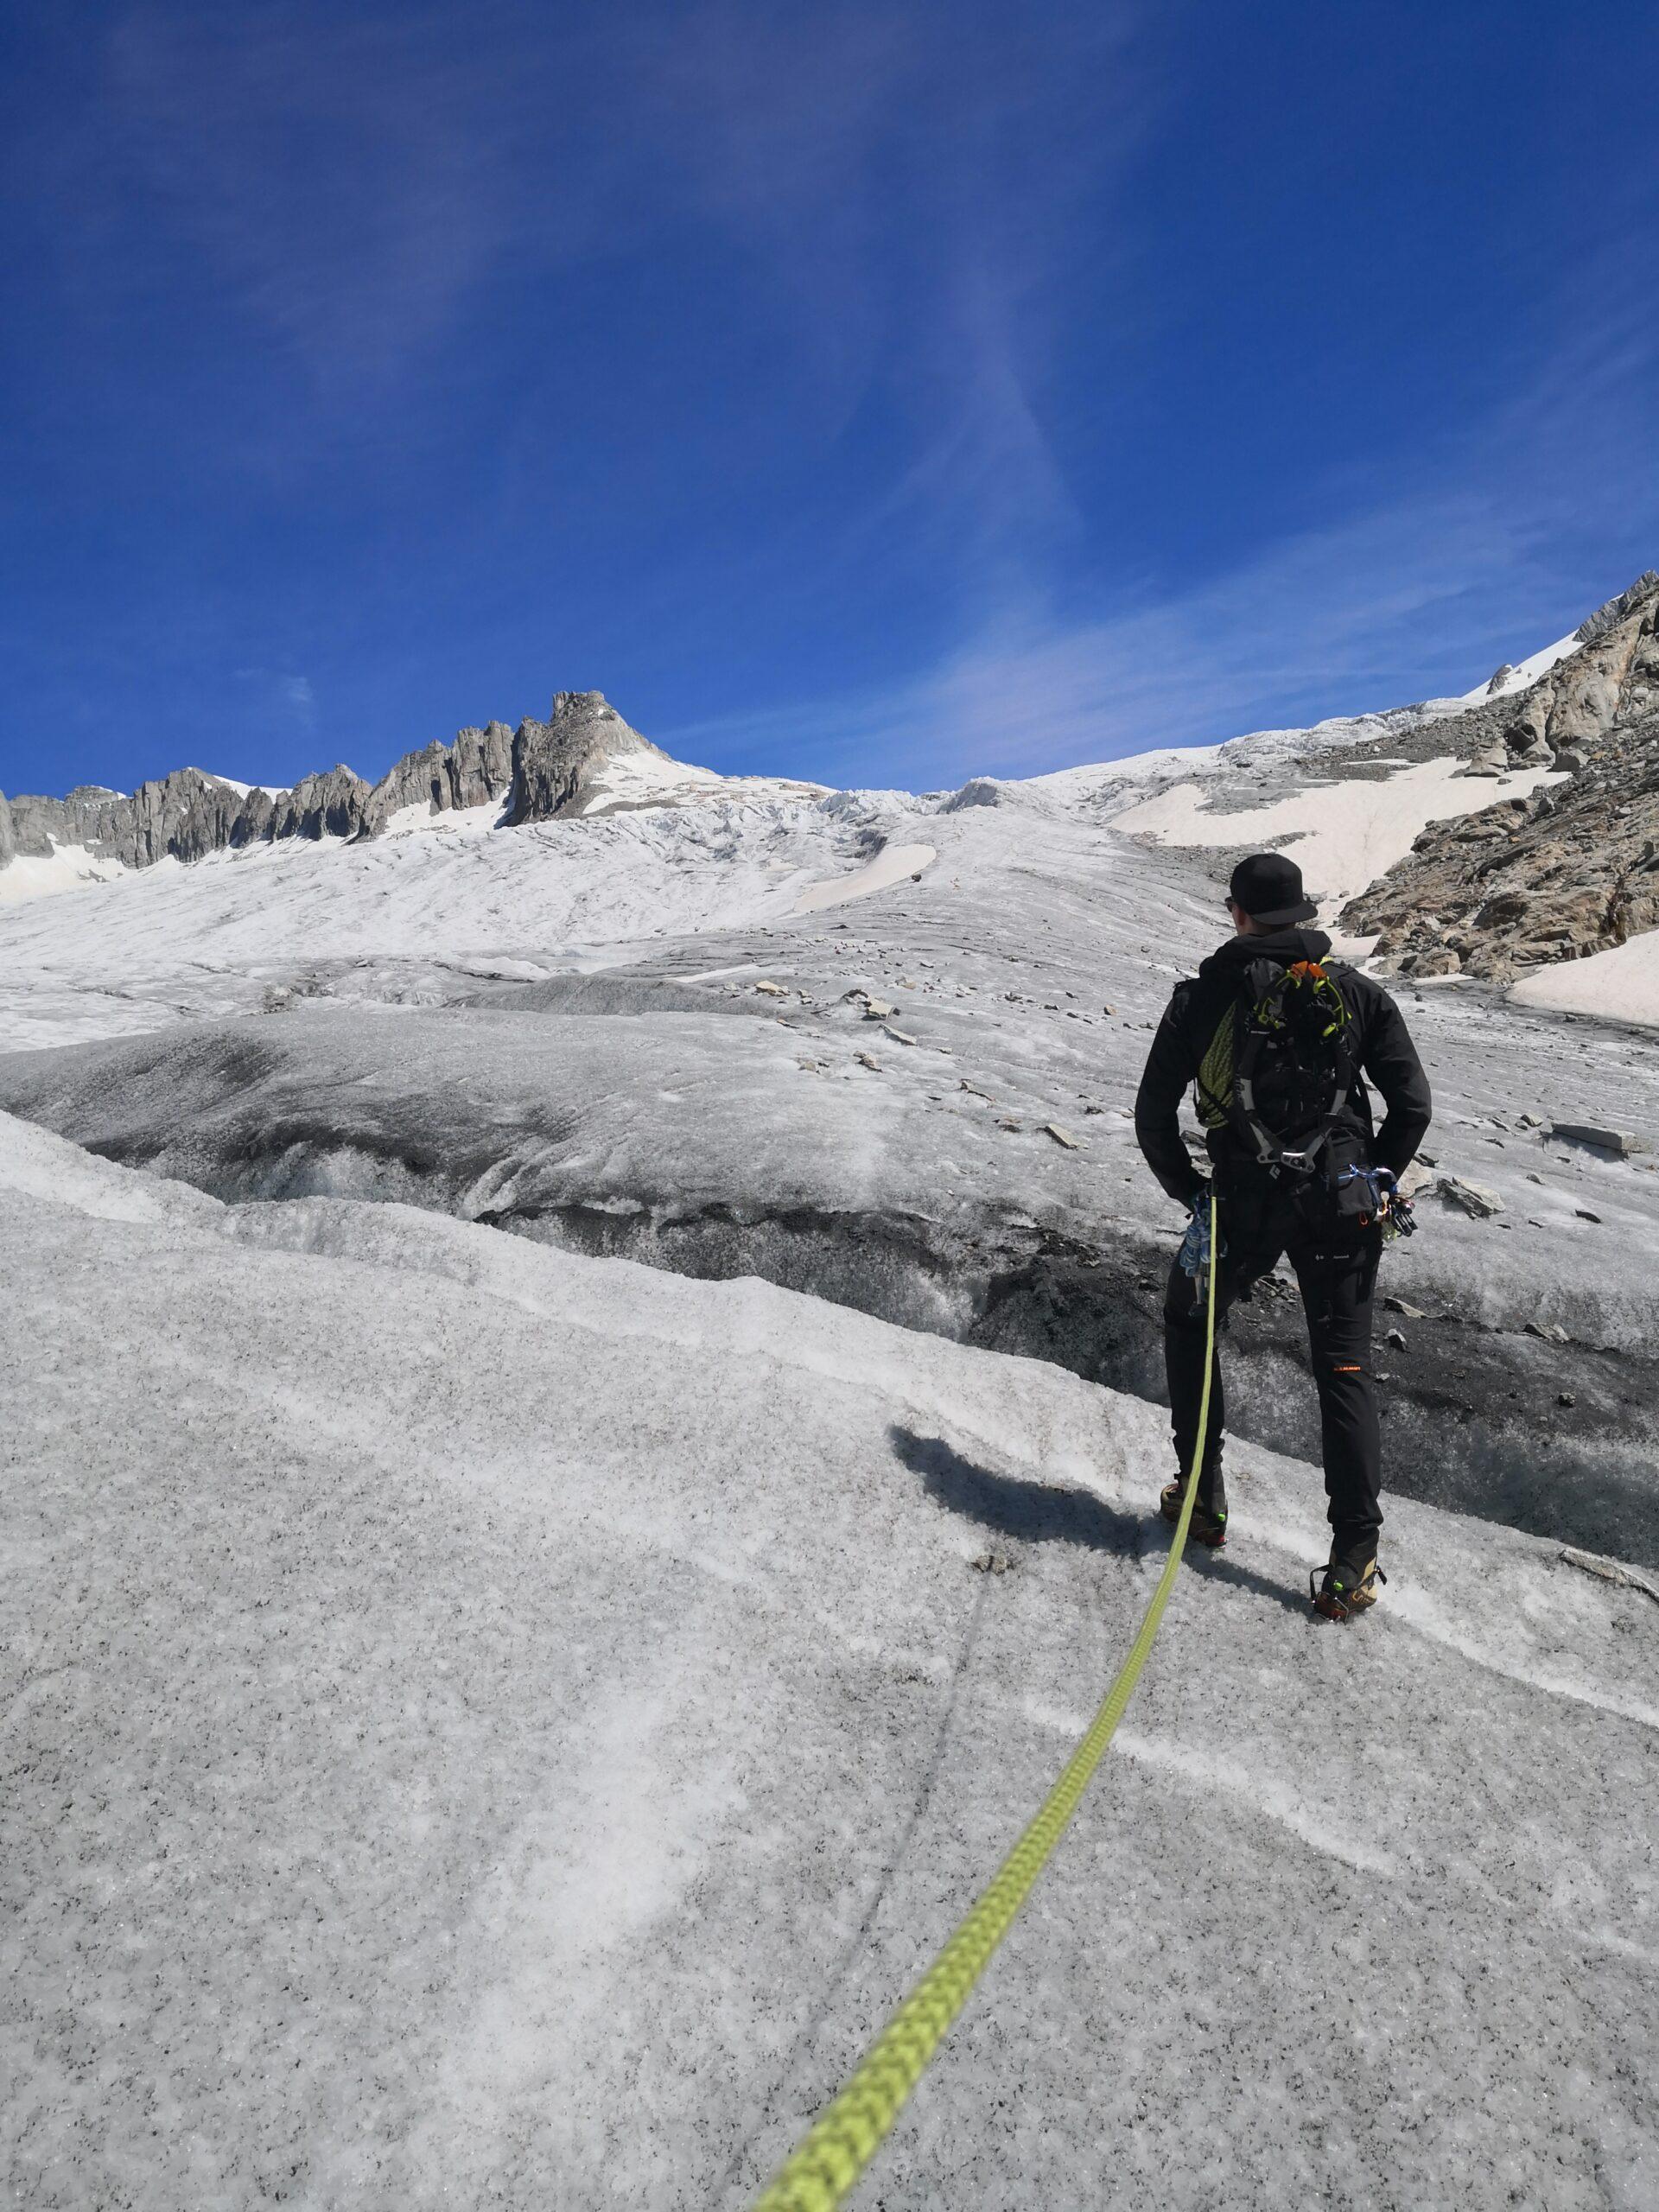 Philippe Maurer - Rohnegletscher - Eis, Stahlgranate und Sonne